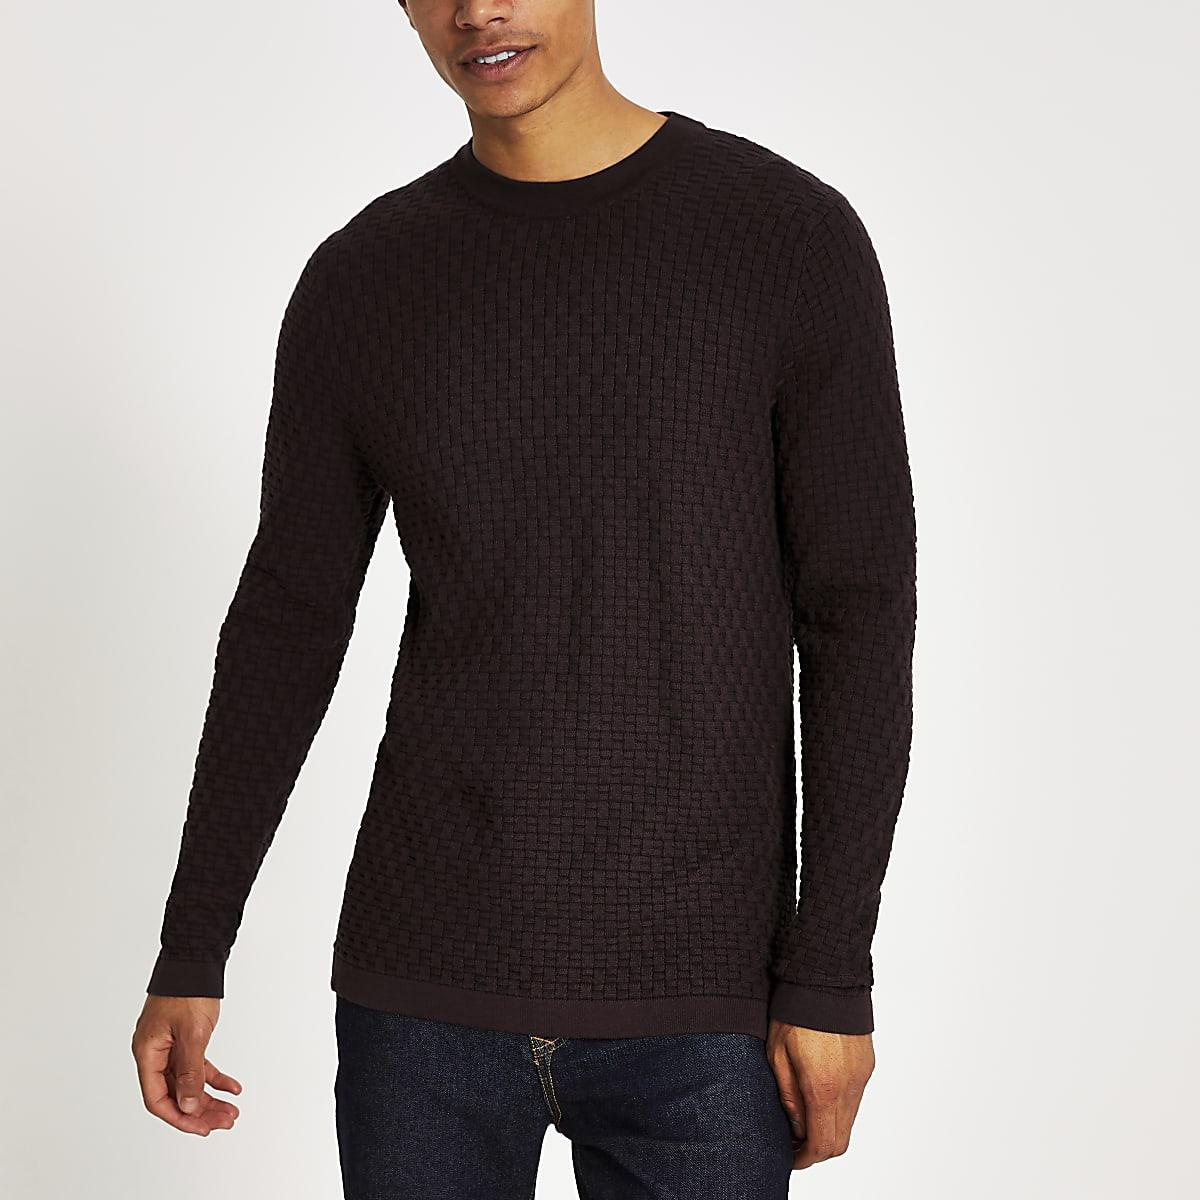 SelectedHomme - Pull en tricot torsadérouge foncé